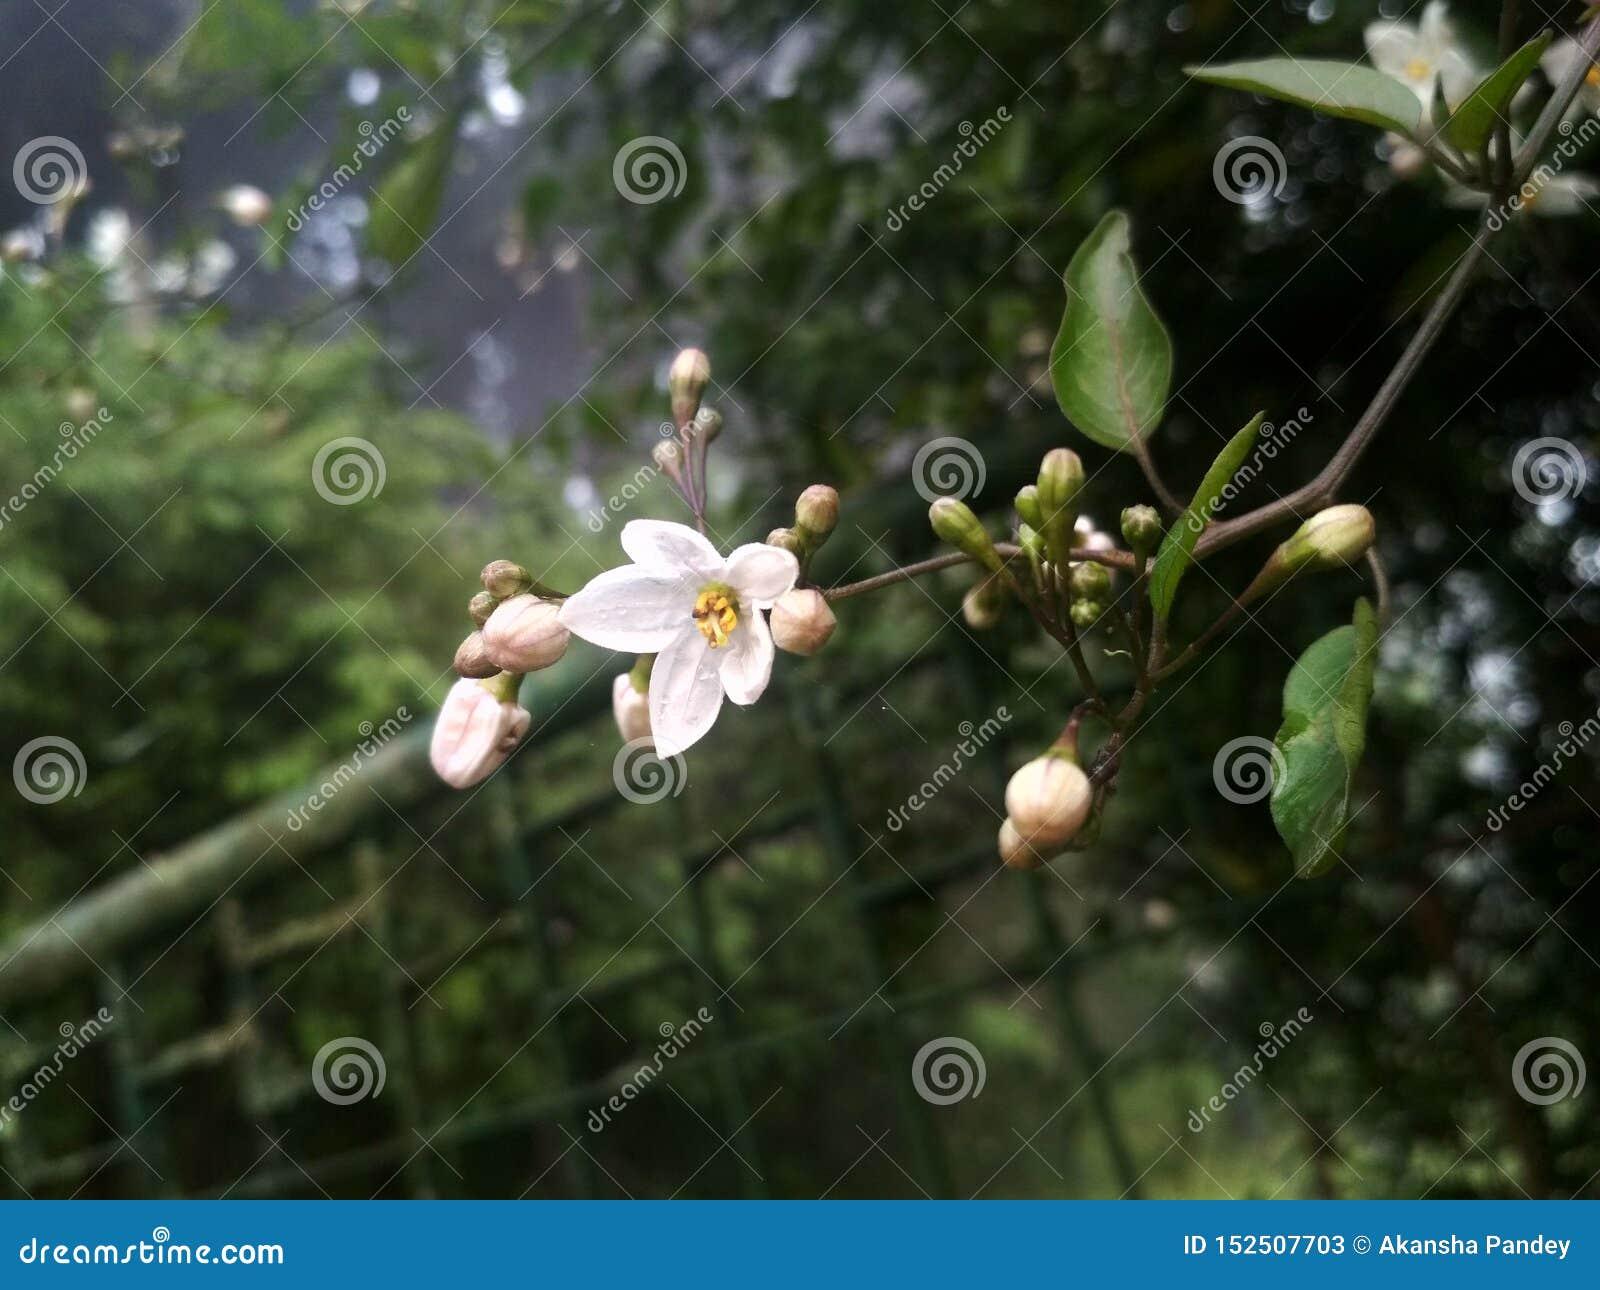 Whiteflower, Nature beauty, mobiclickz, photography